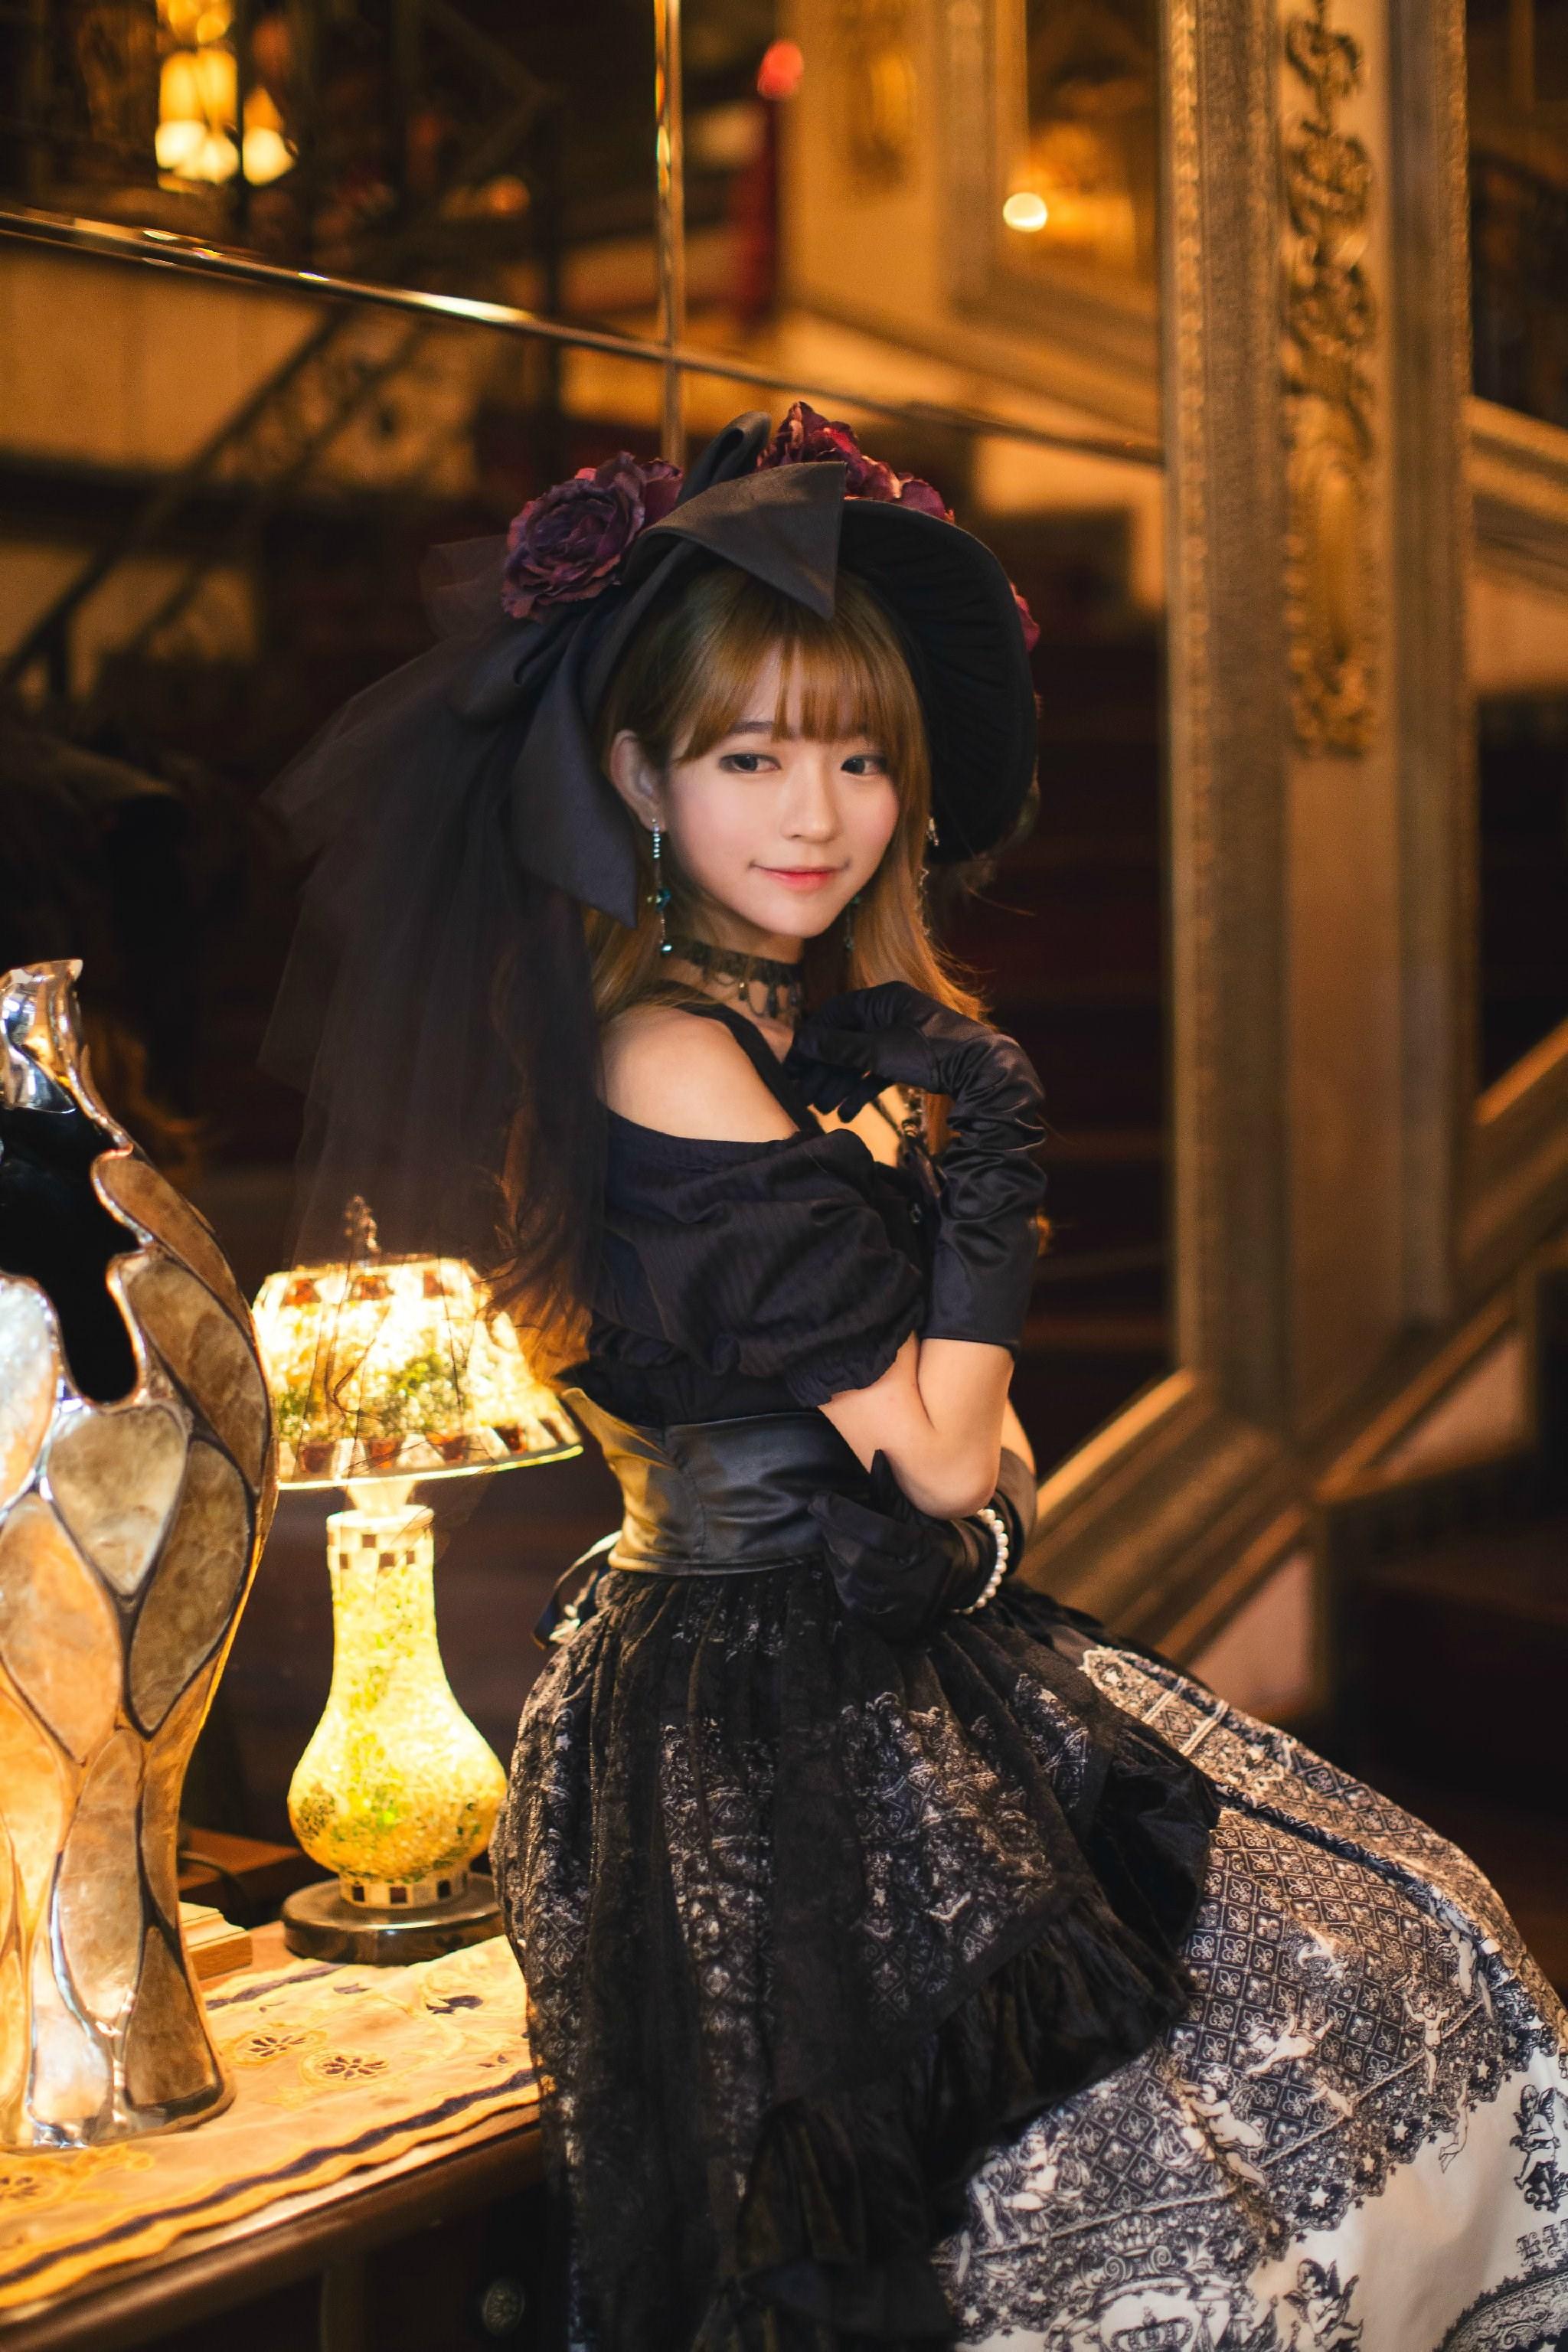 【兔玩映画】Yurisa 兔玩映画 第31张